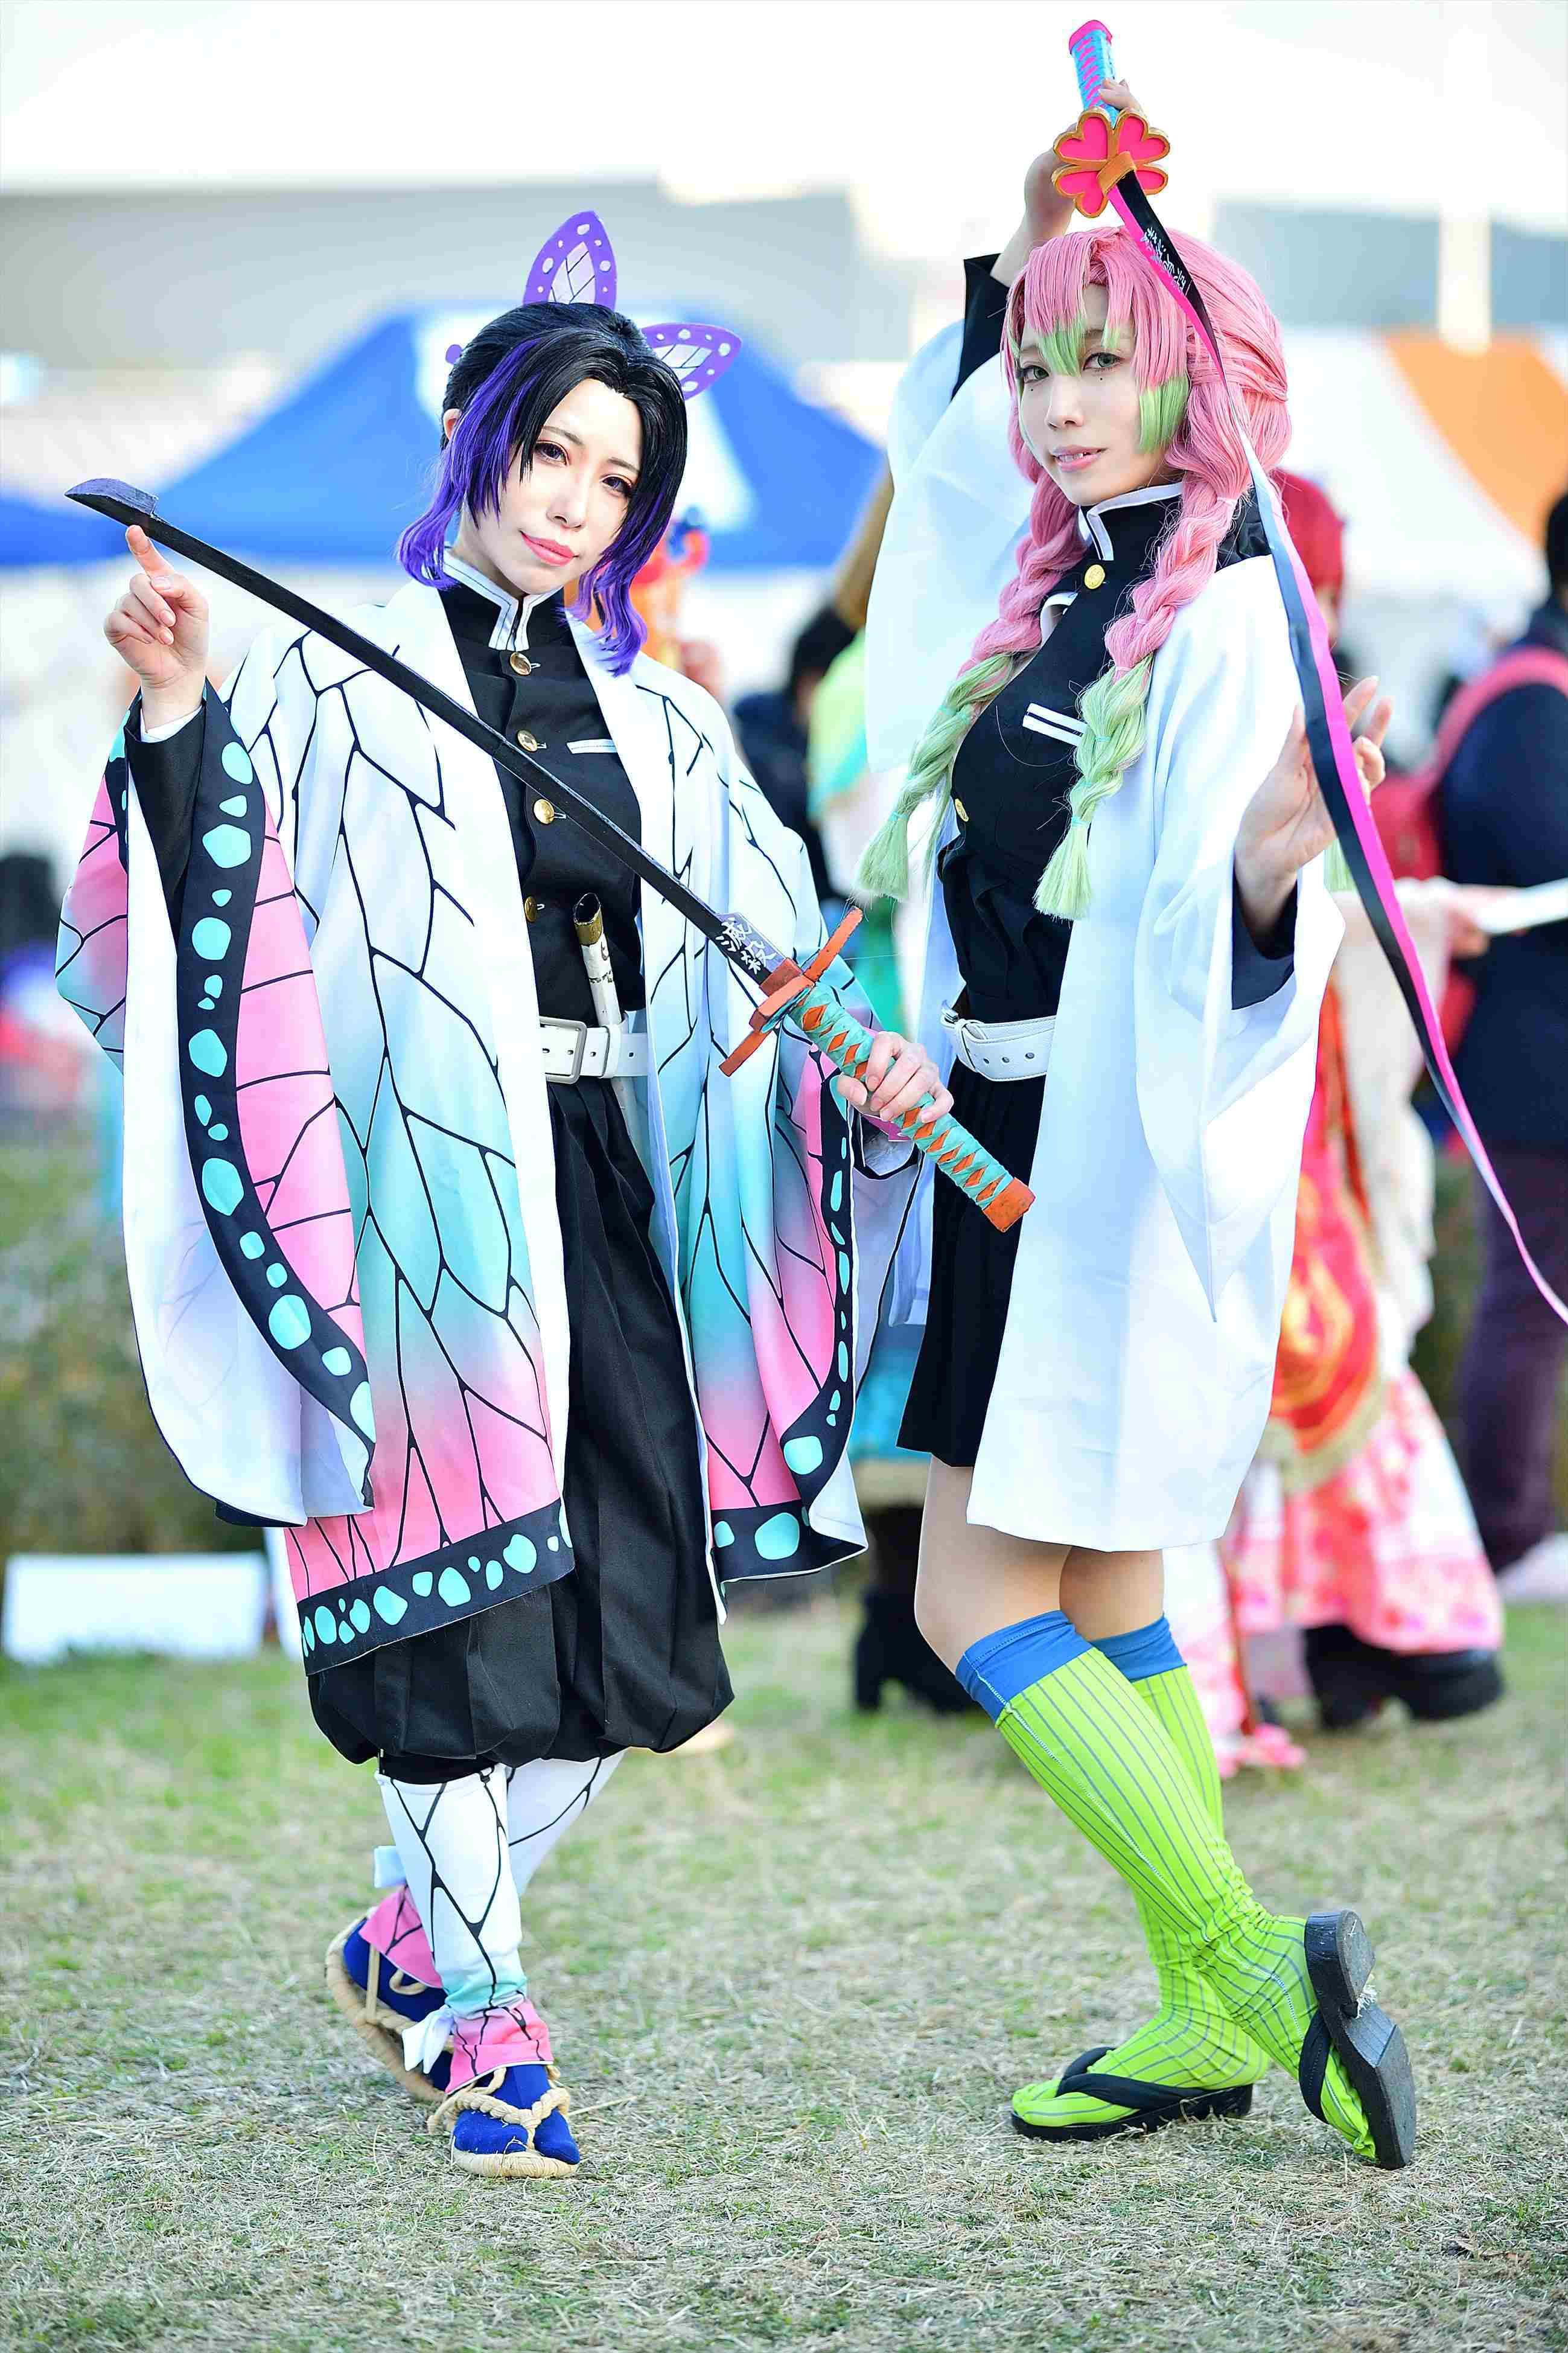 2019年12月28日コミケ1日目防災公園報告_e0194893_02262675.jpg